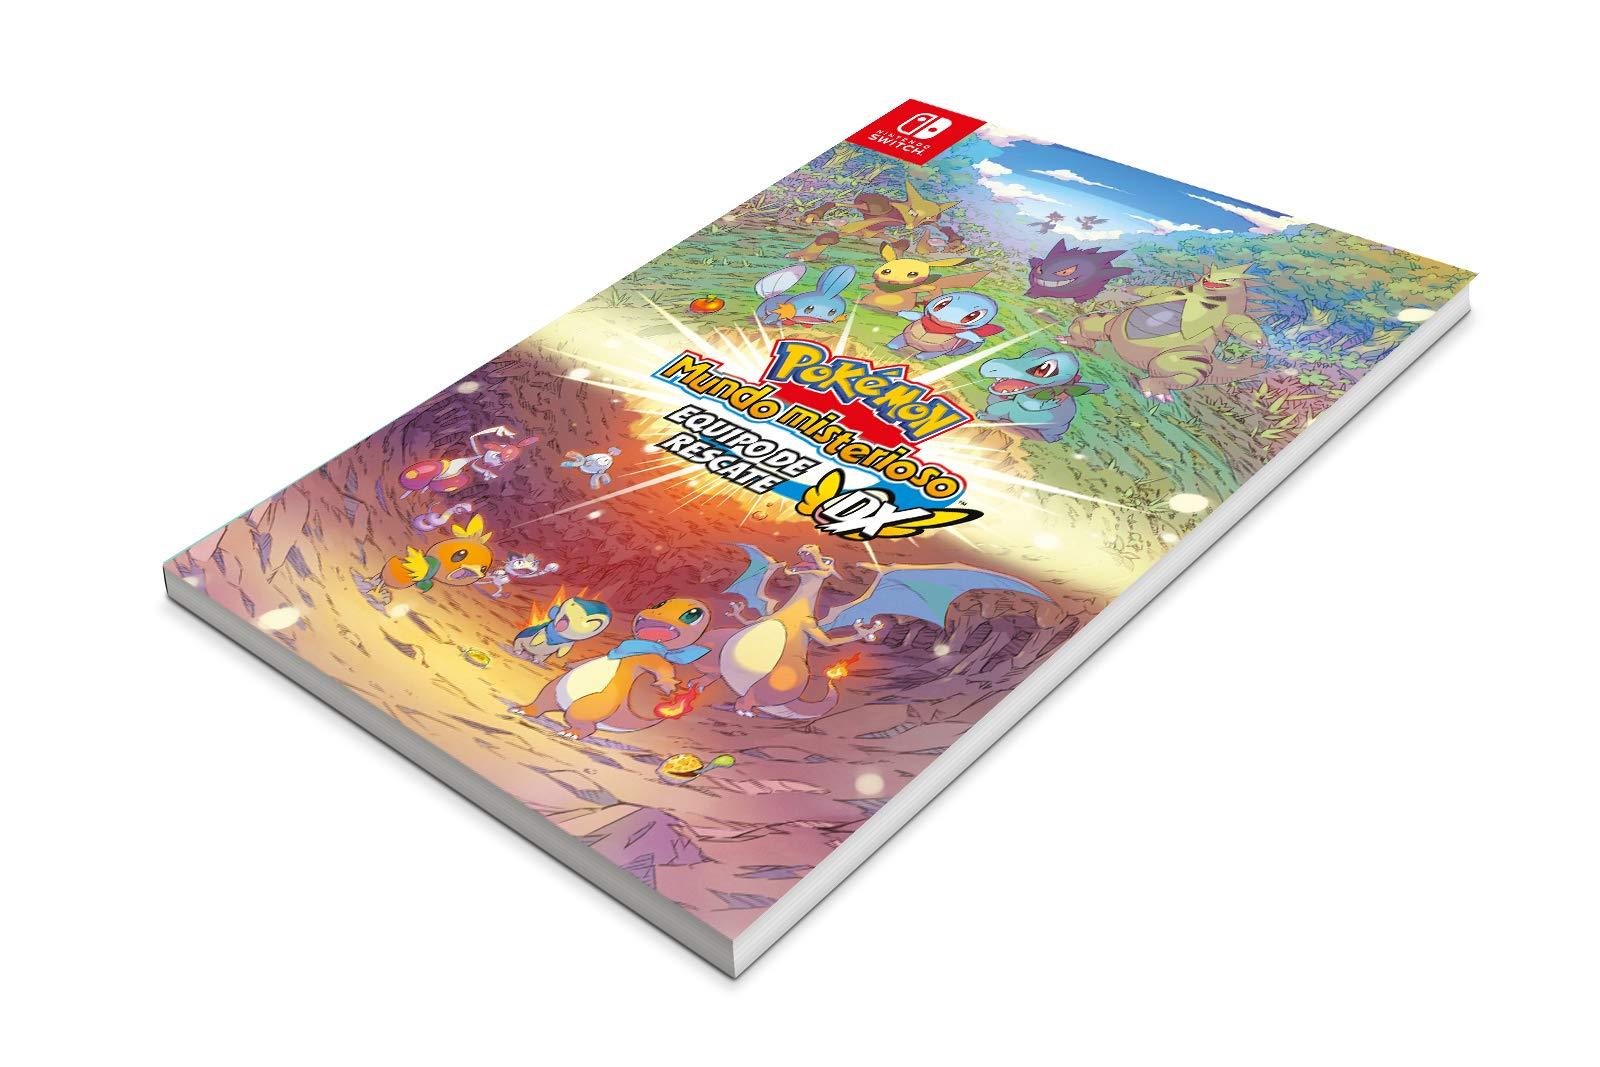 Cuaderno Pokémon mundo misterioso equipo de rescate DX (Nintendo Switch): Amazon.es: Videojuegos